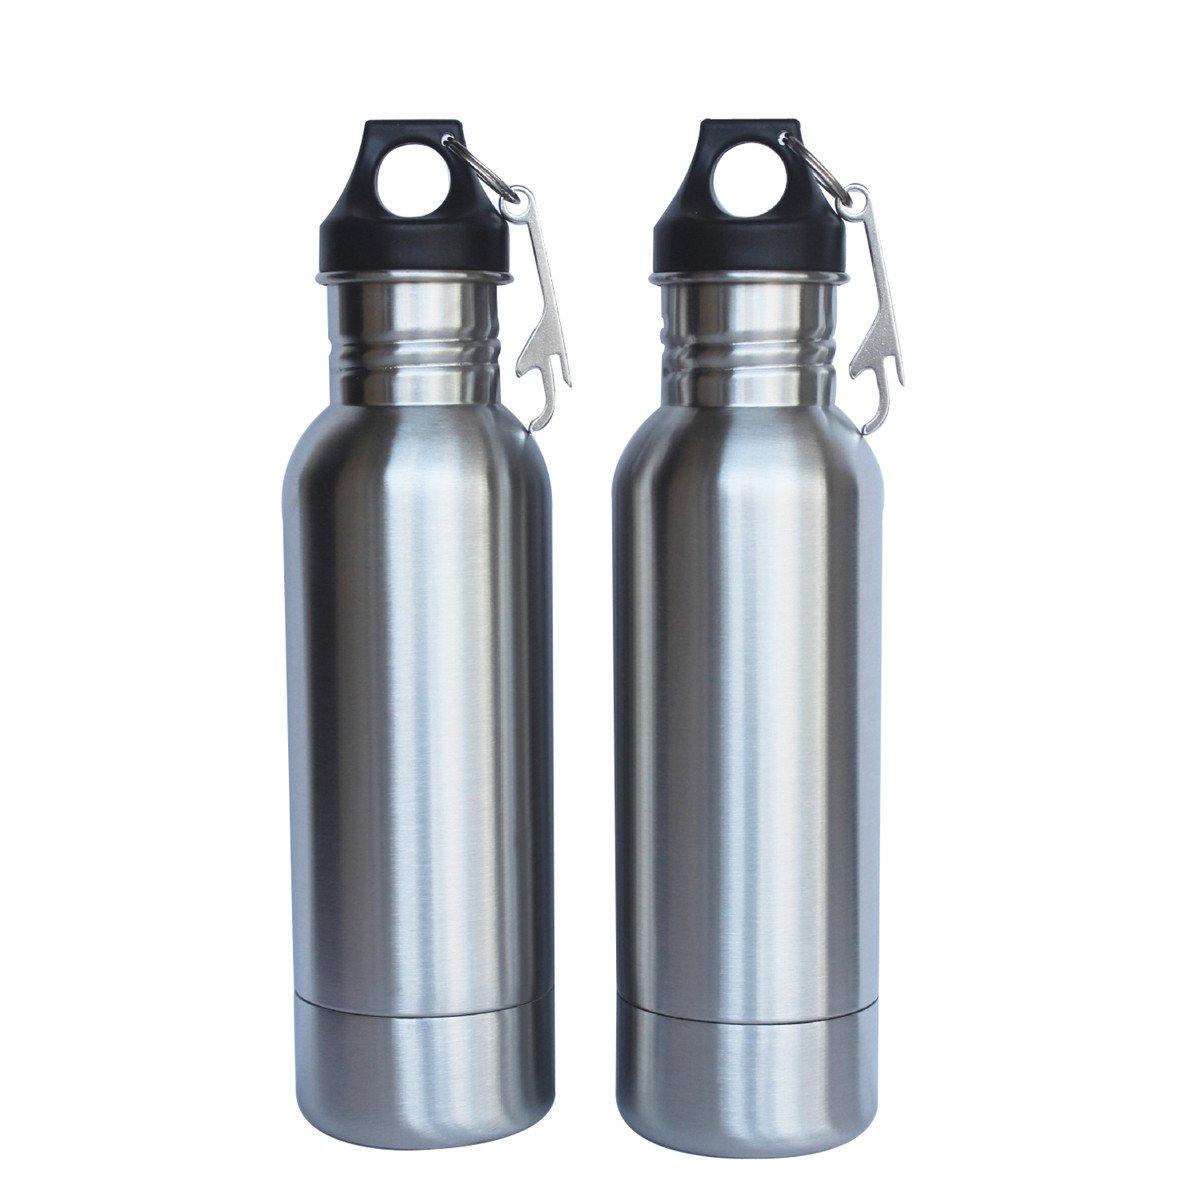 JJCF 12oz Stainless Steel Beer Bottle Holder Insulator Beverage Keeper with Bottle Opener Keeps Beer Cold Longer (2 Pack)